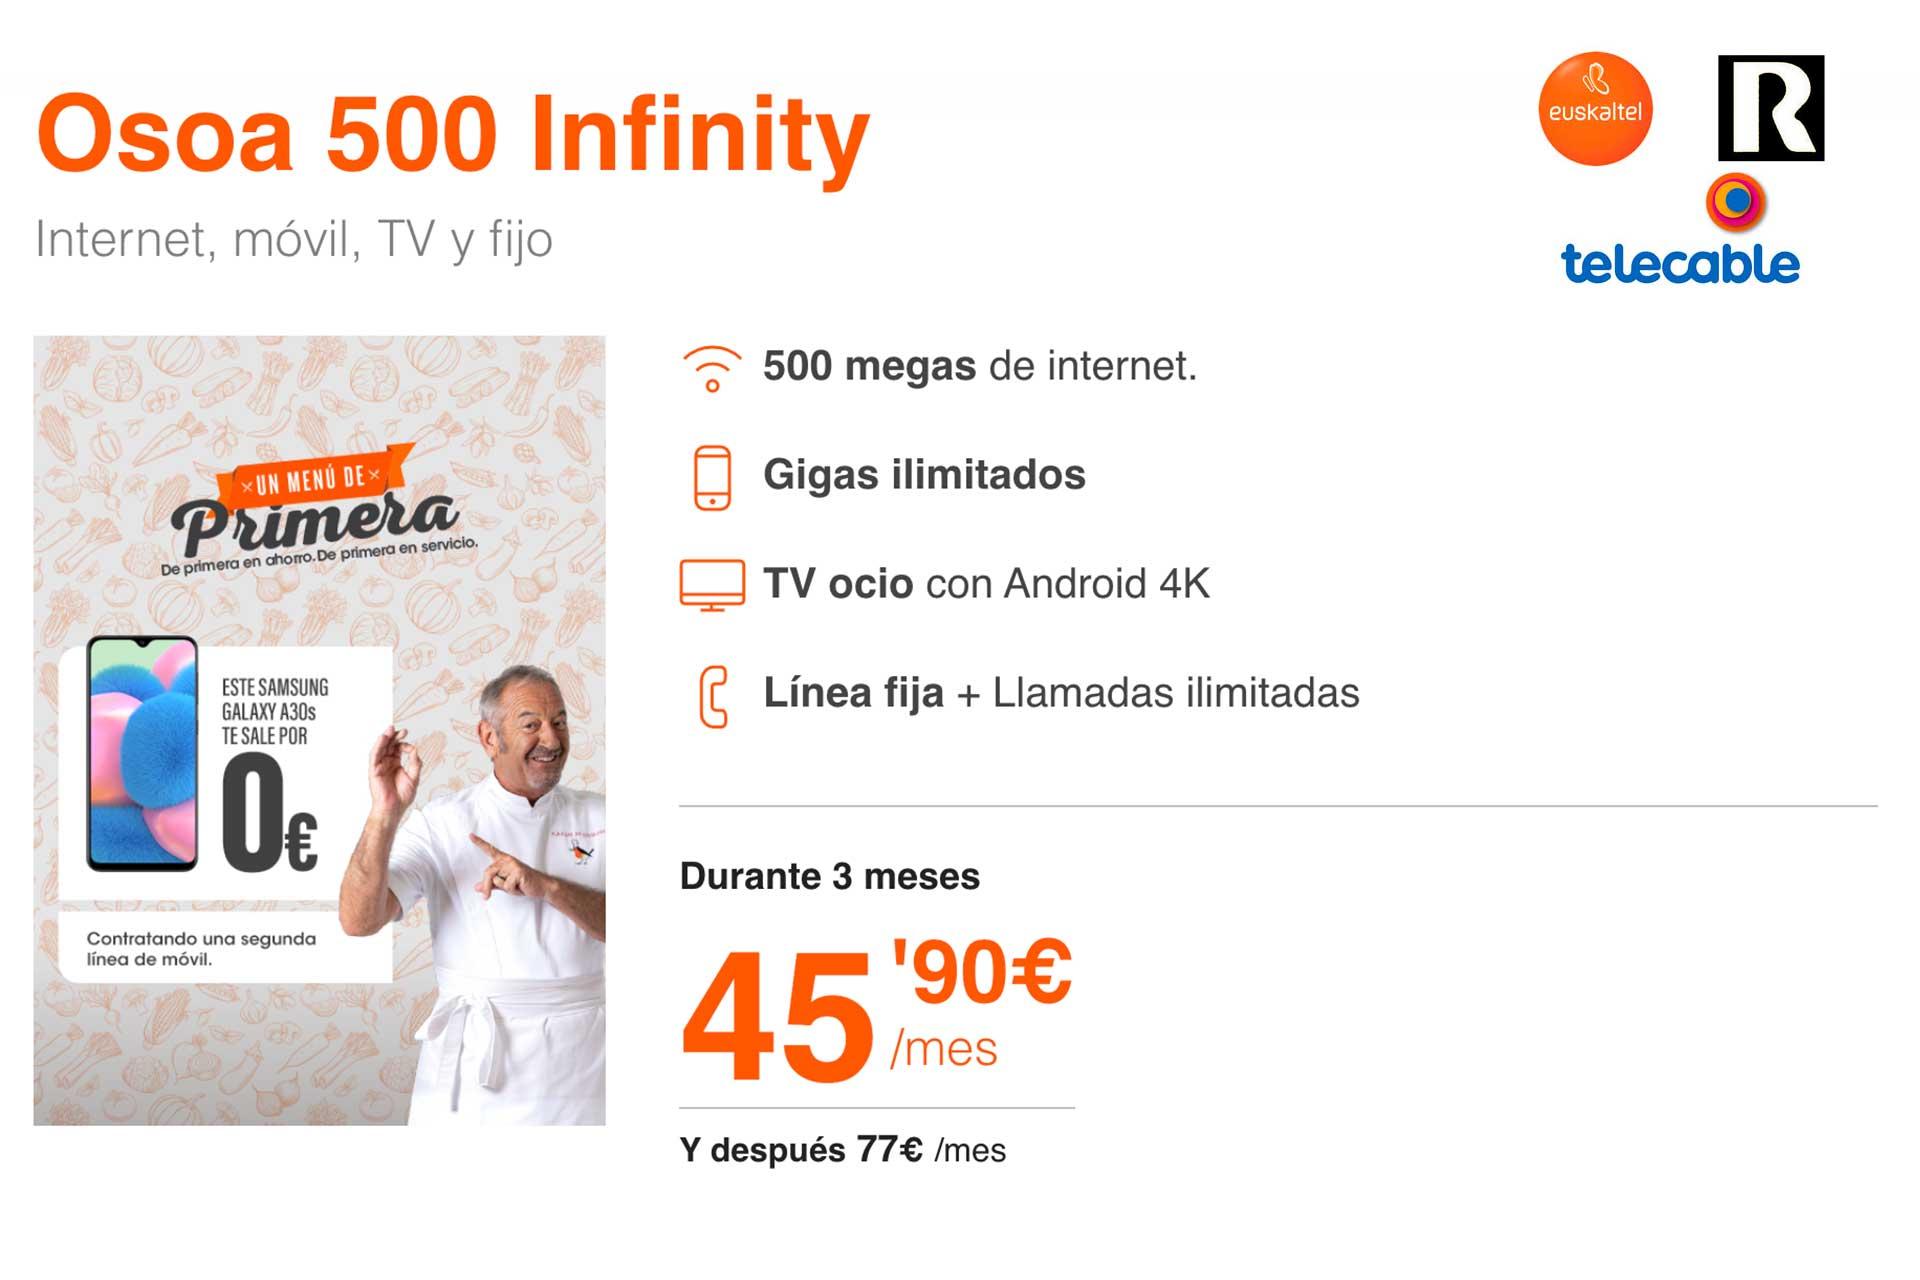 Euskaltel, R y telecable datos ilimitados